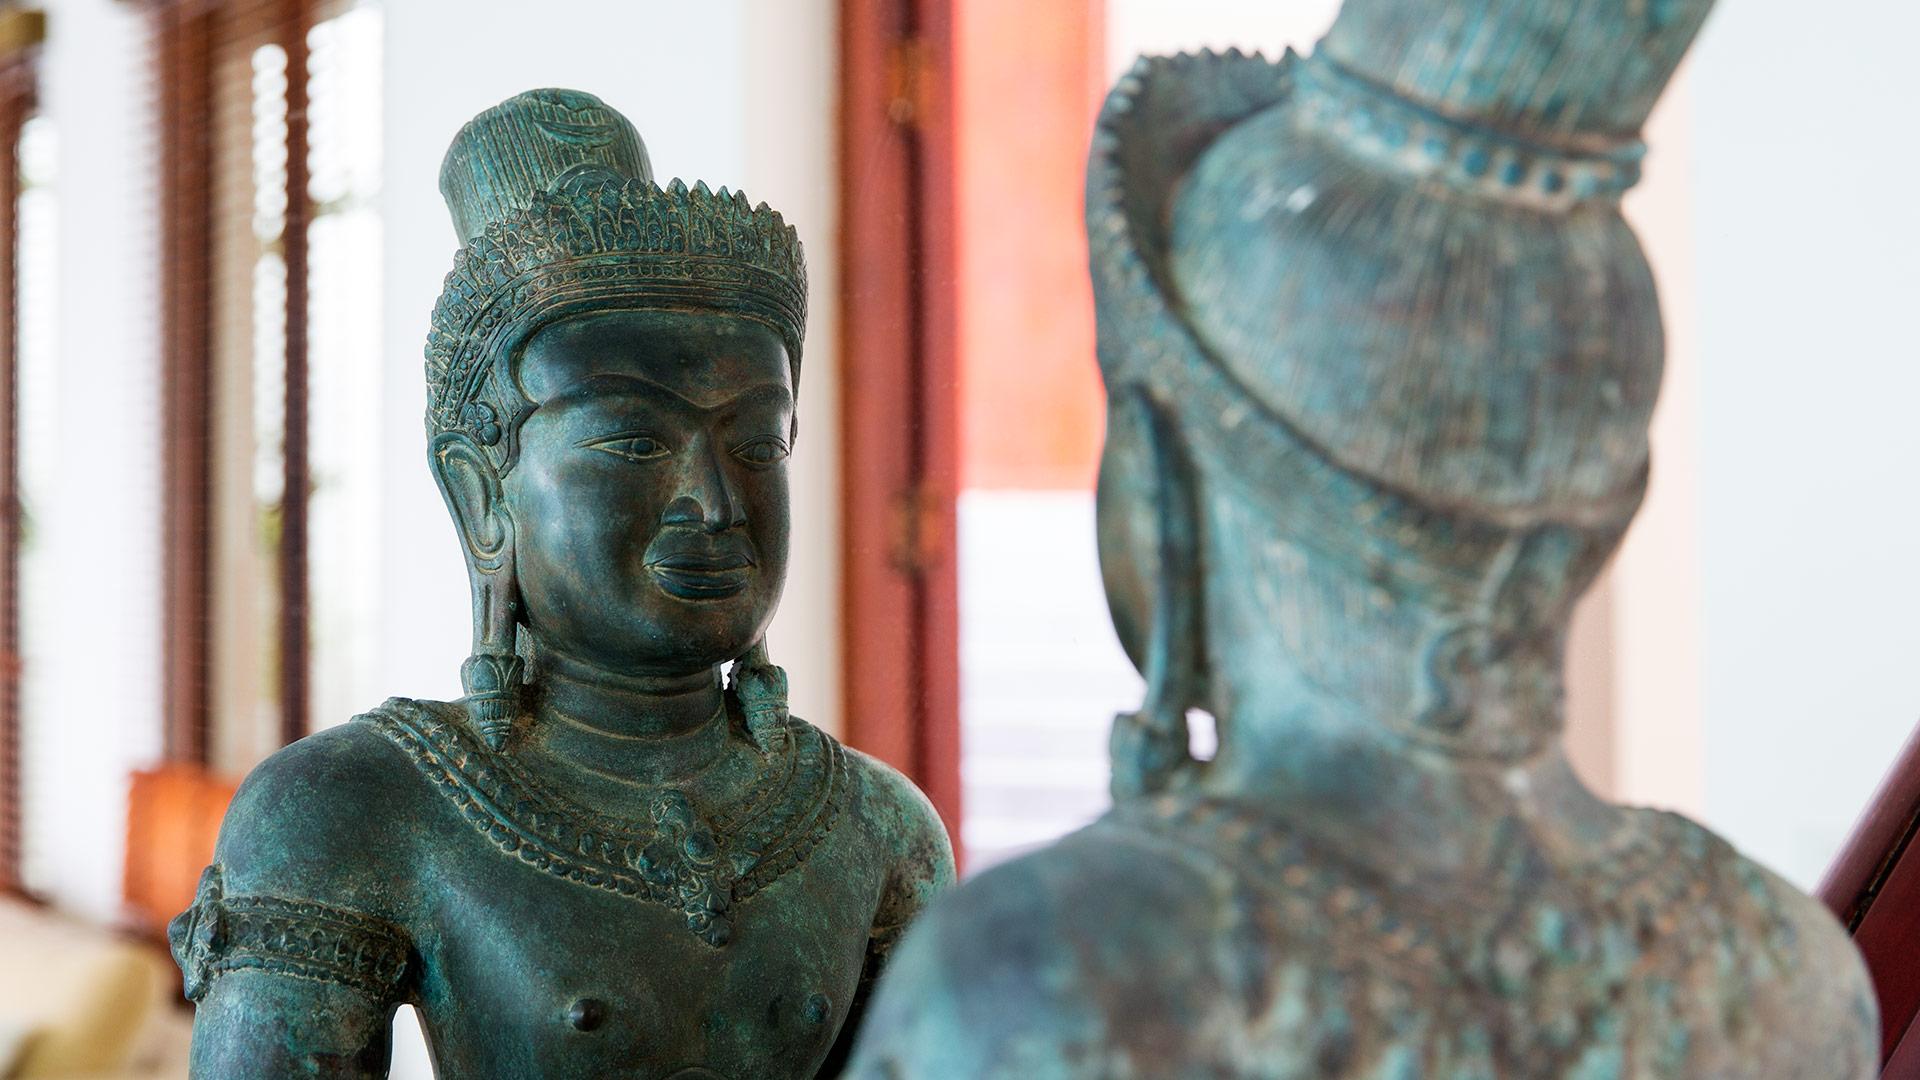 - Встретишь Будду - убей его...